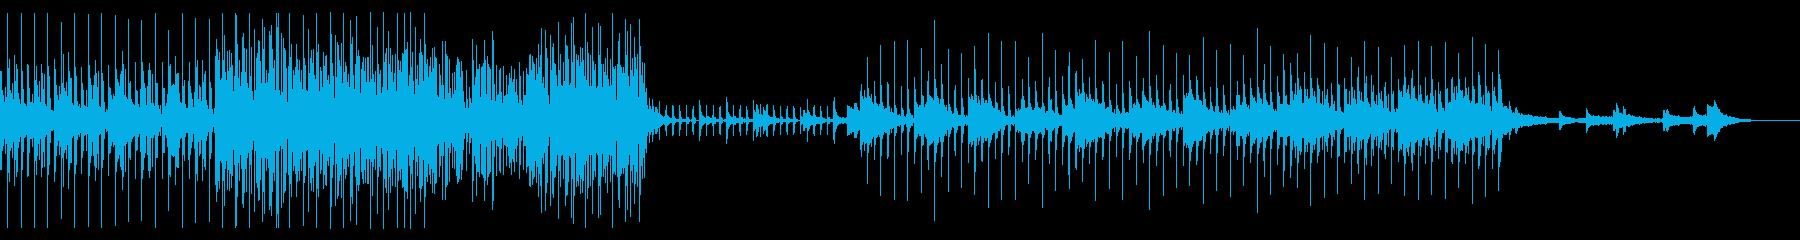 幻想的で洗練された、壮大な曲の再生済みの波形